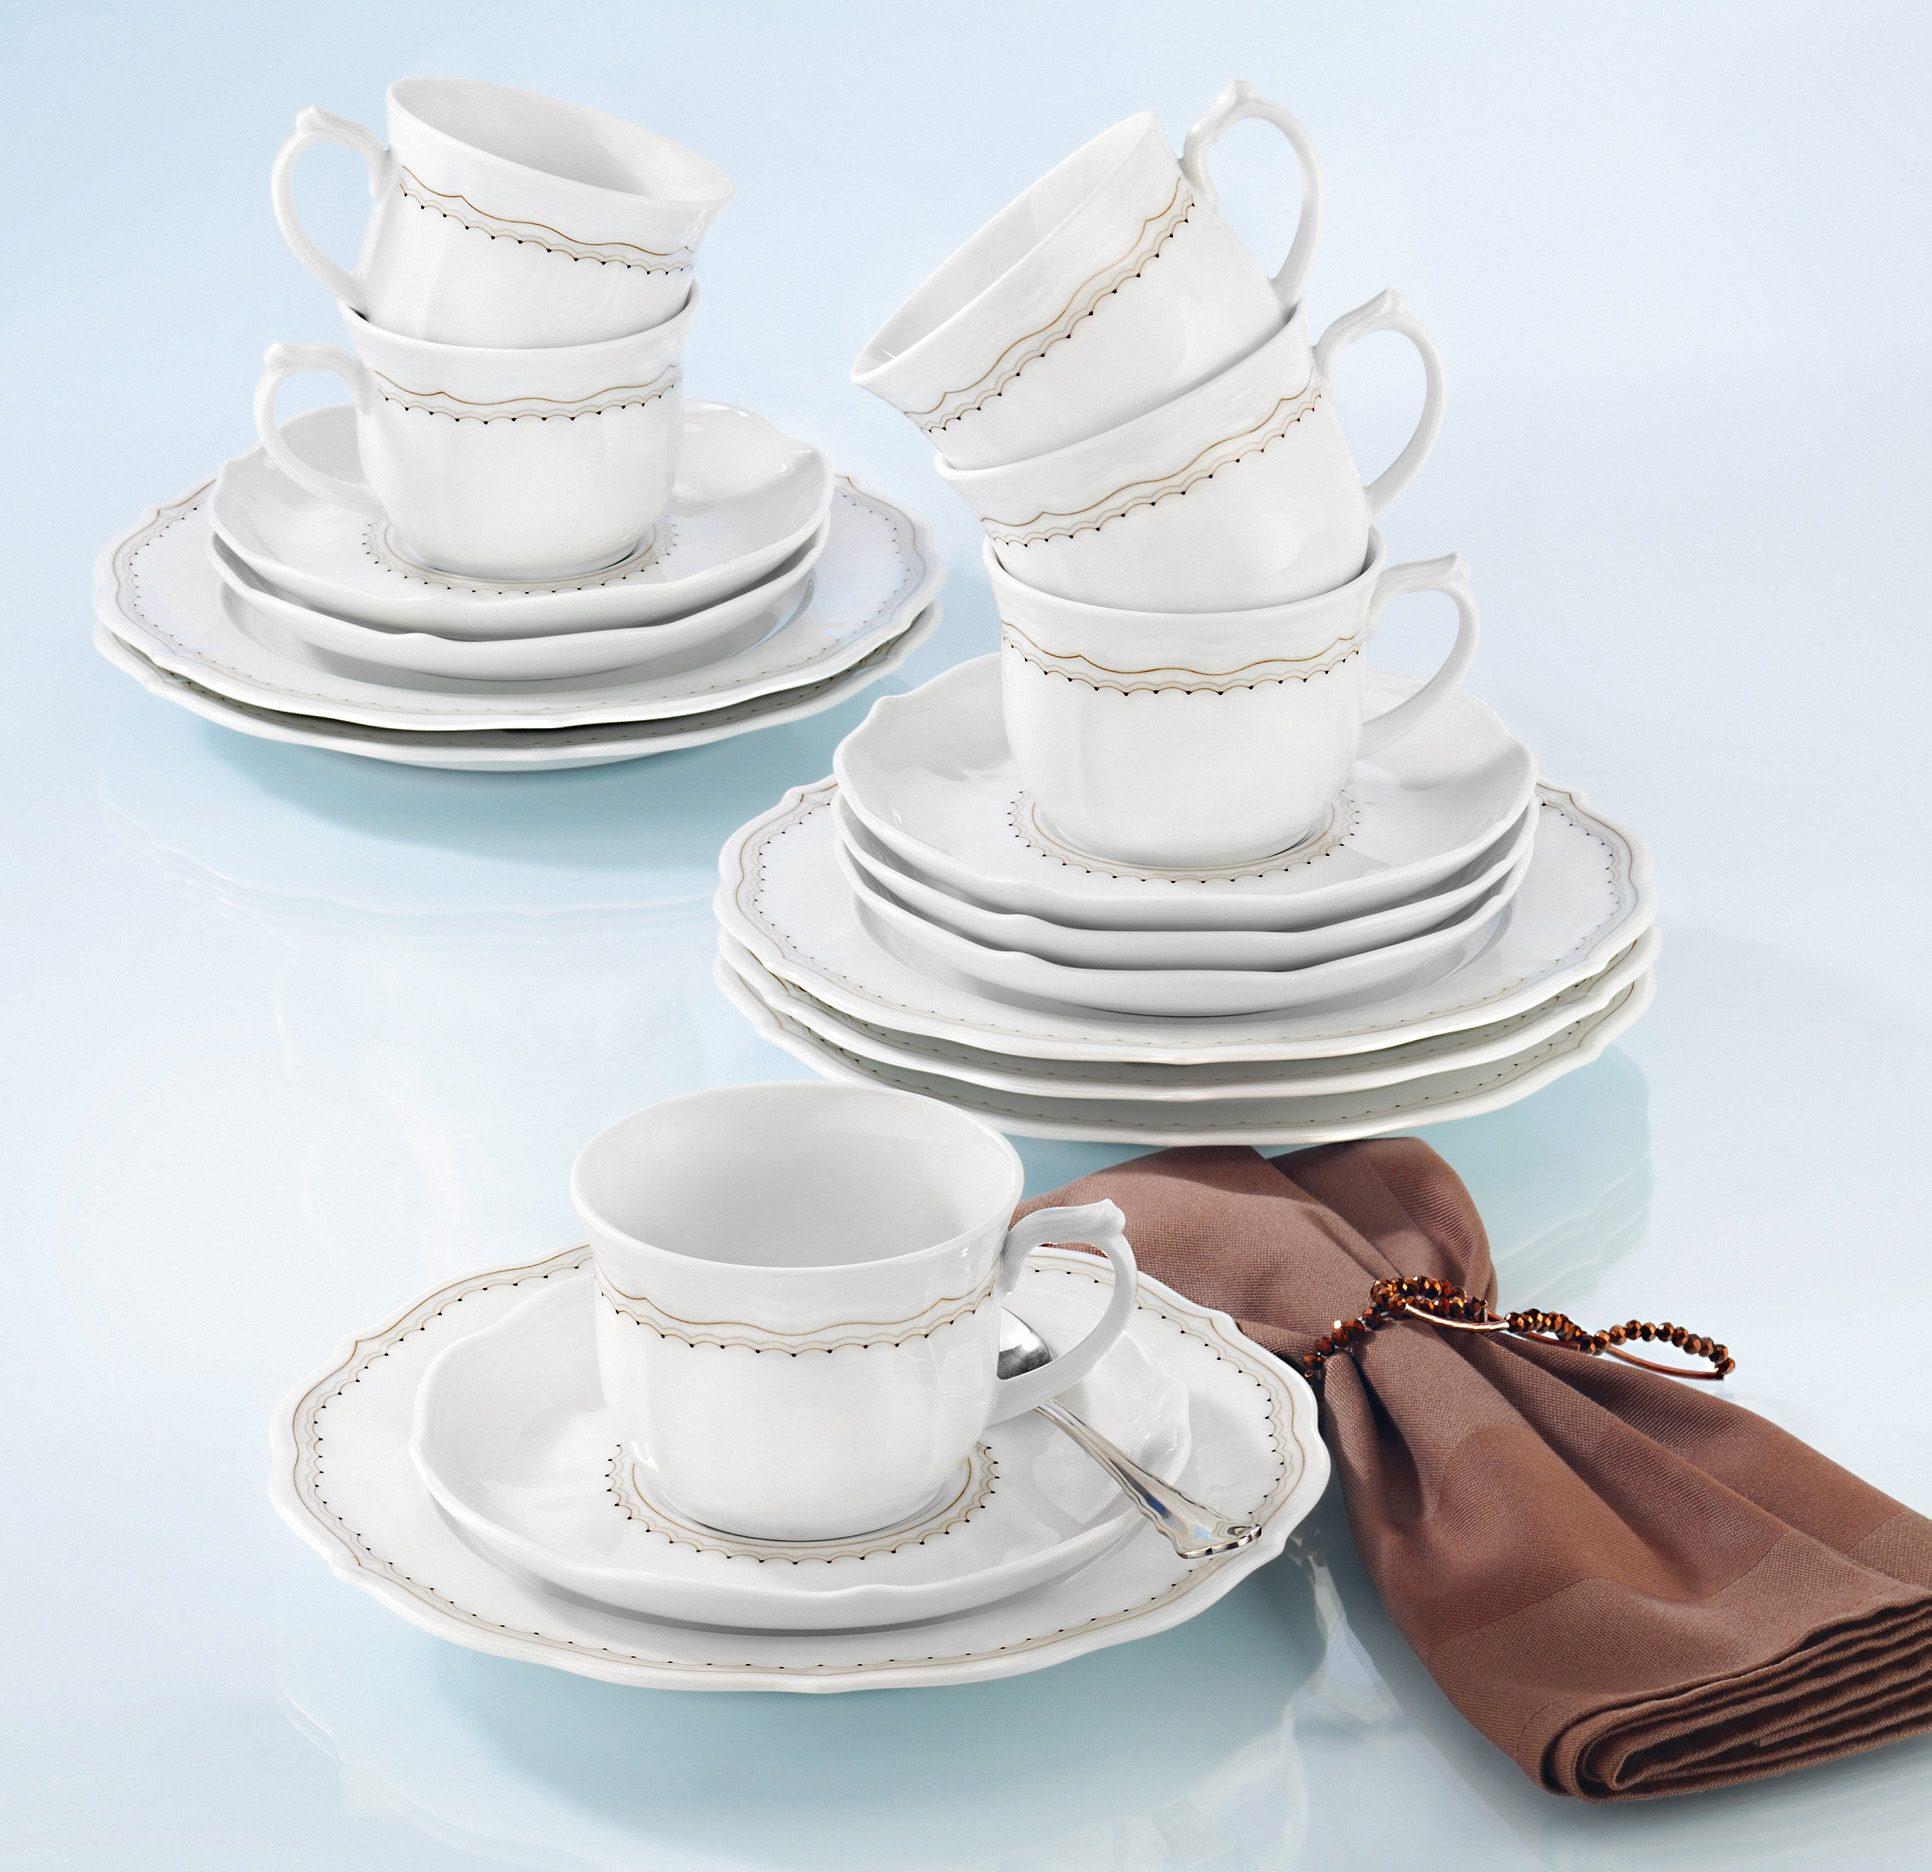 SELTMANN Weiden Kaffeeservice »Sonate Romance«, 18-teilig